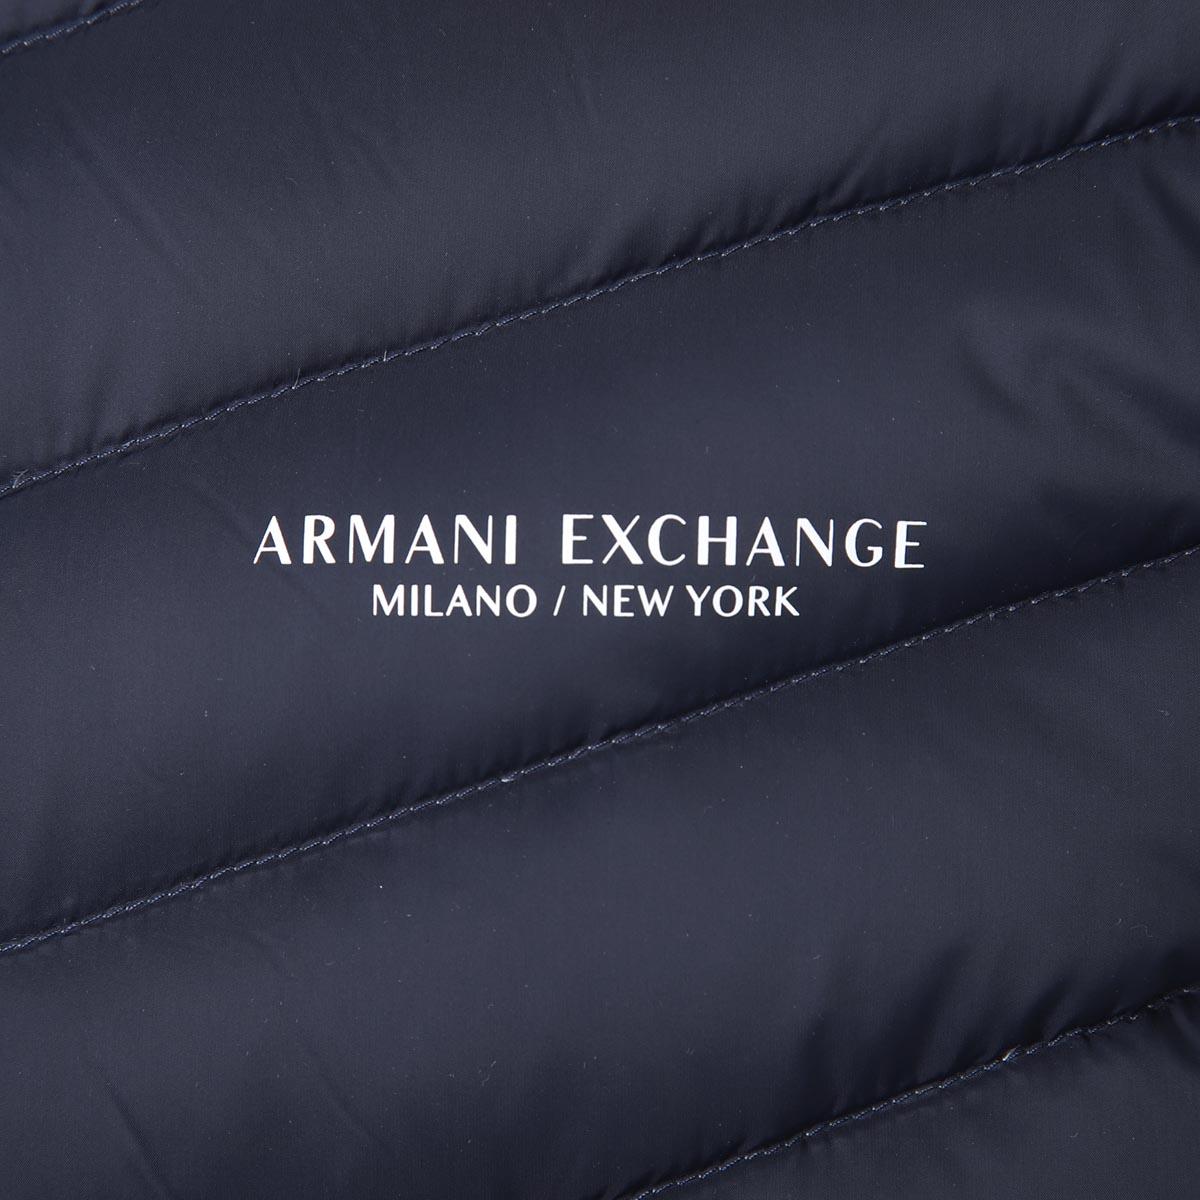 ARMANI EXCHANGE アルマーニエクスチェンジ ダウンブルゾン メンズ【WLCP】